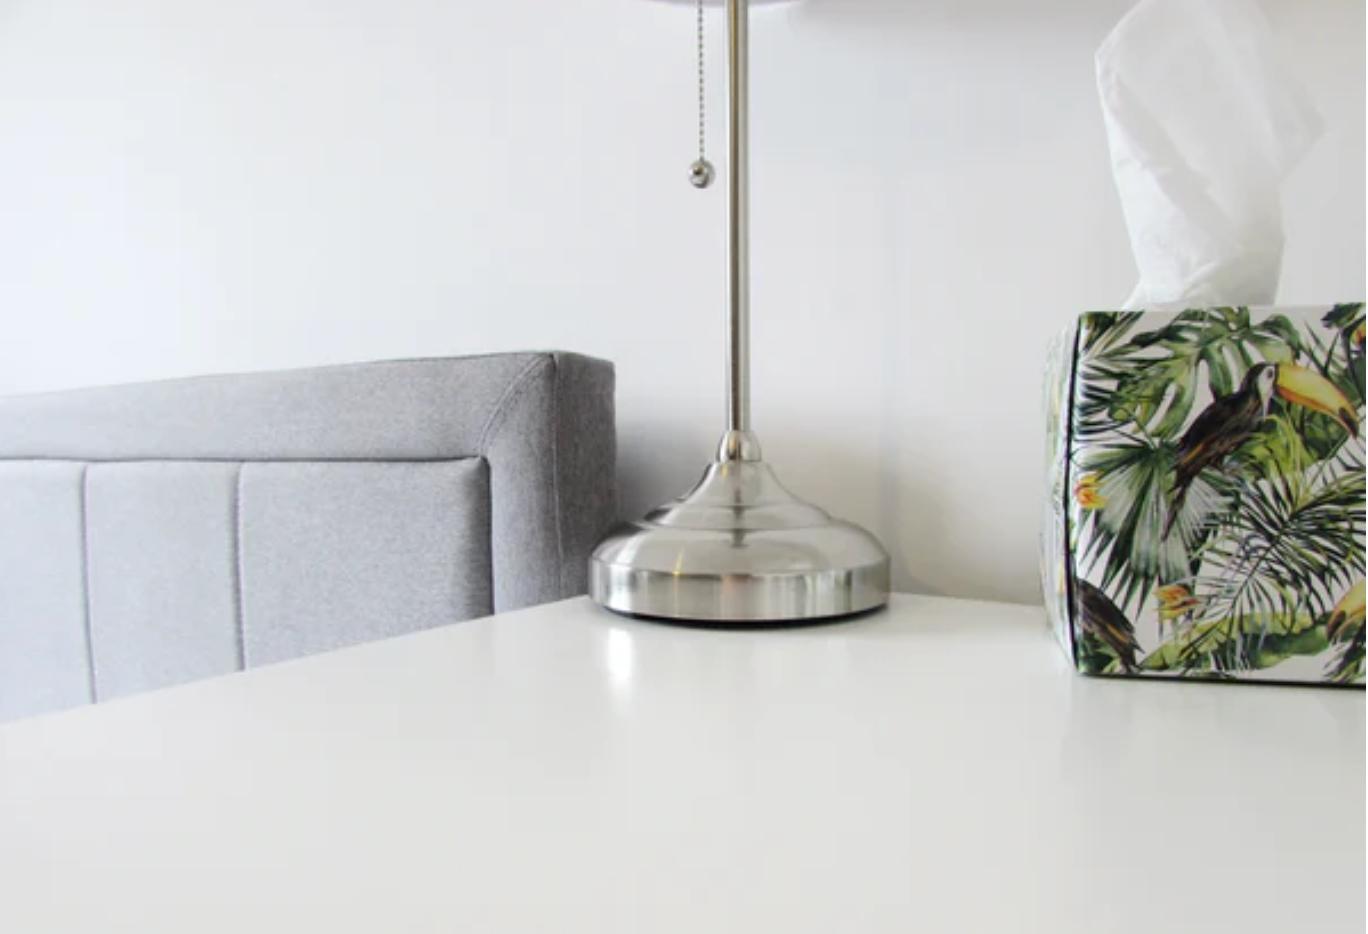 lamp pullchain